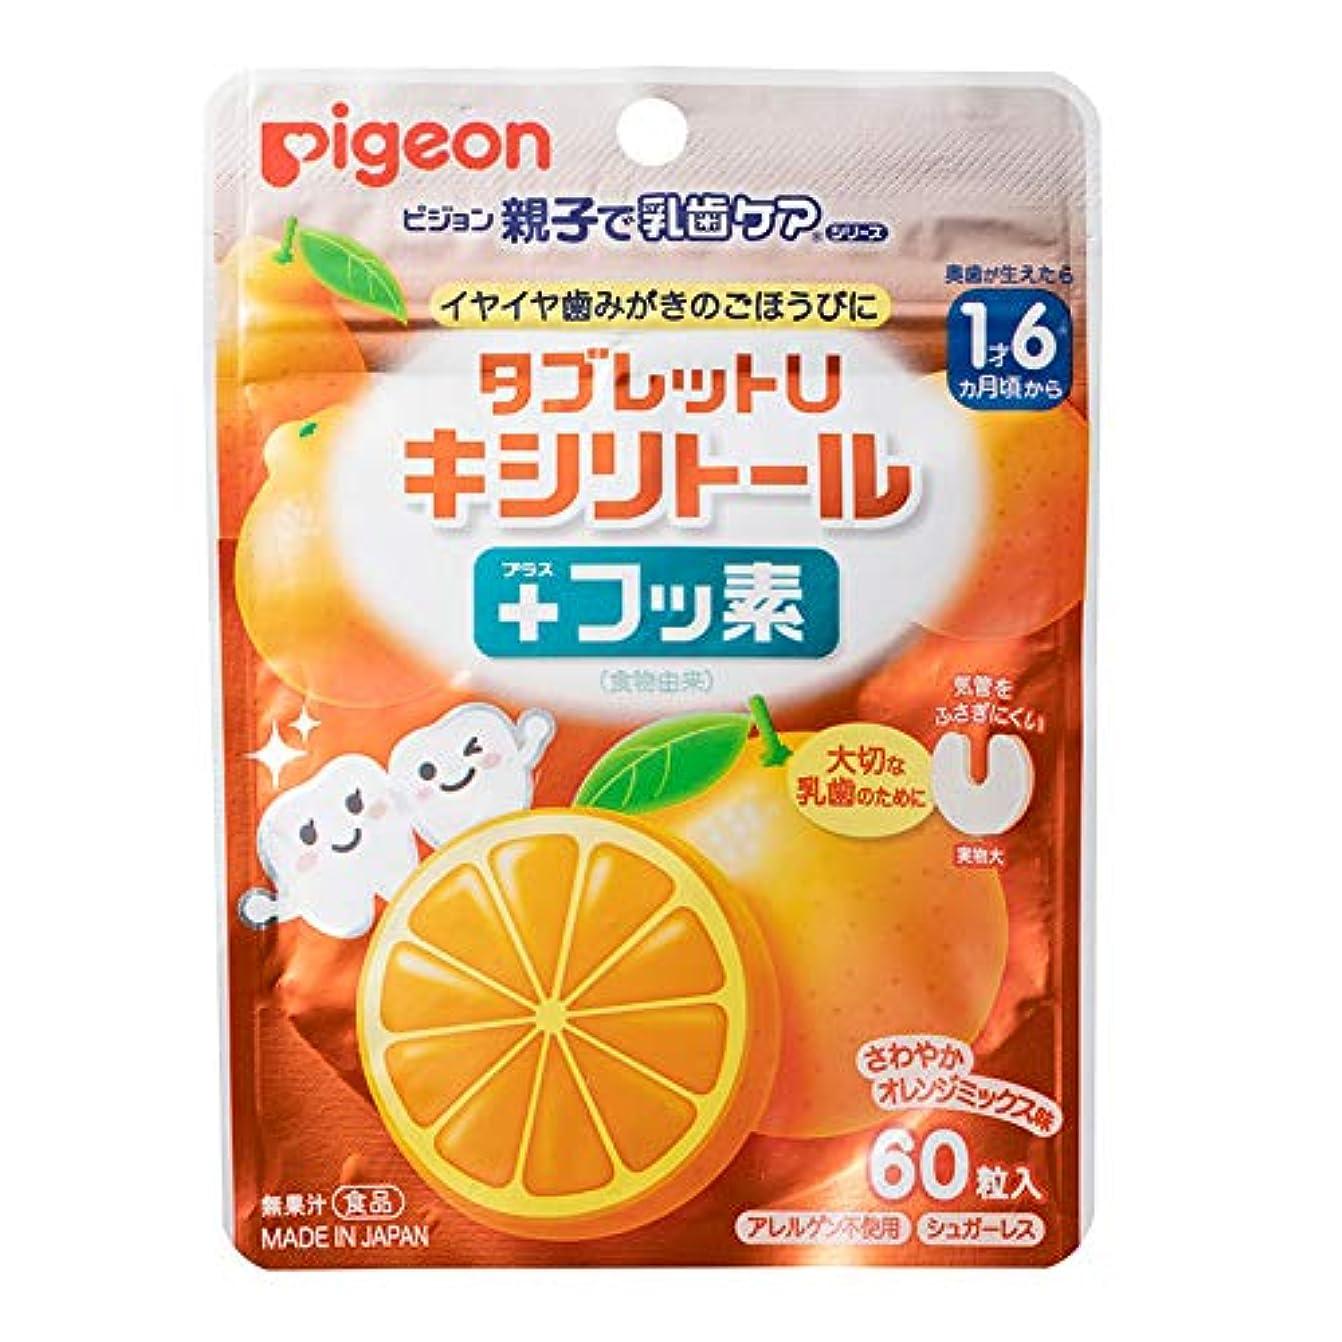 滑り台丈夫礼拝ピジョン(Pigeon) タブレットUキシリトール+フッ素 オレンジミックス味60粒入 アレルゲン不使用 シュガーレス 【1歳6ヵ月頃から】